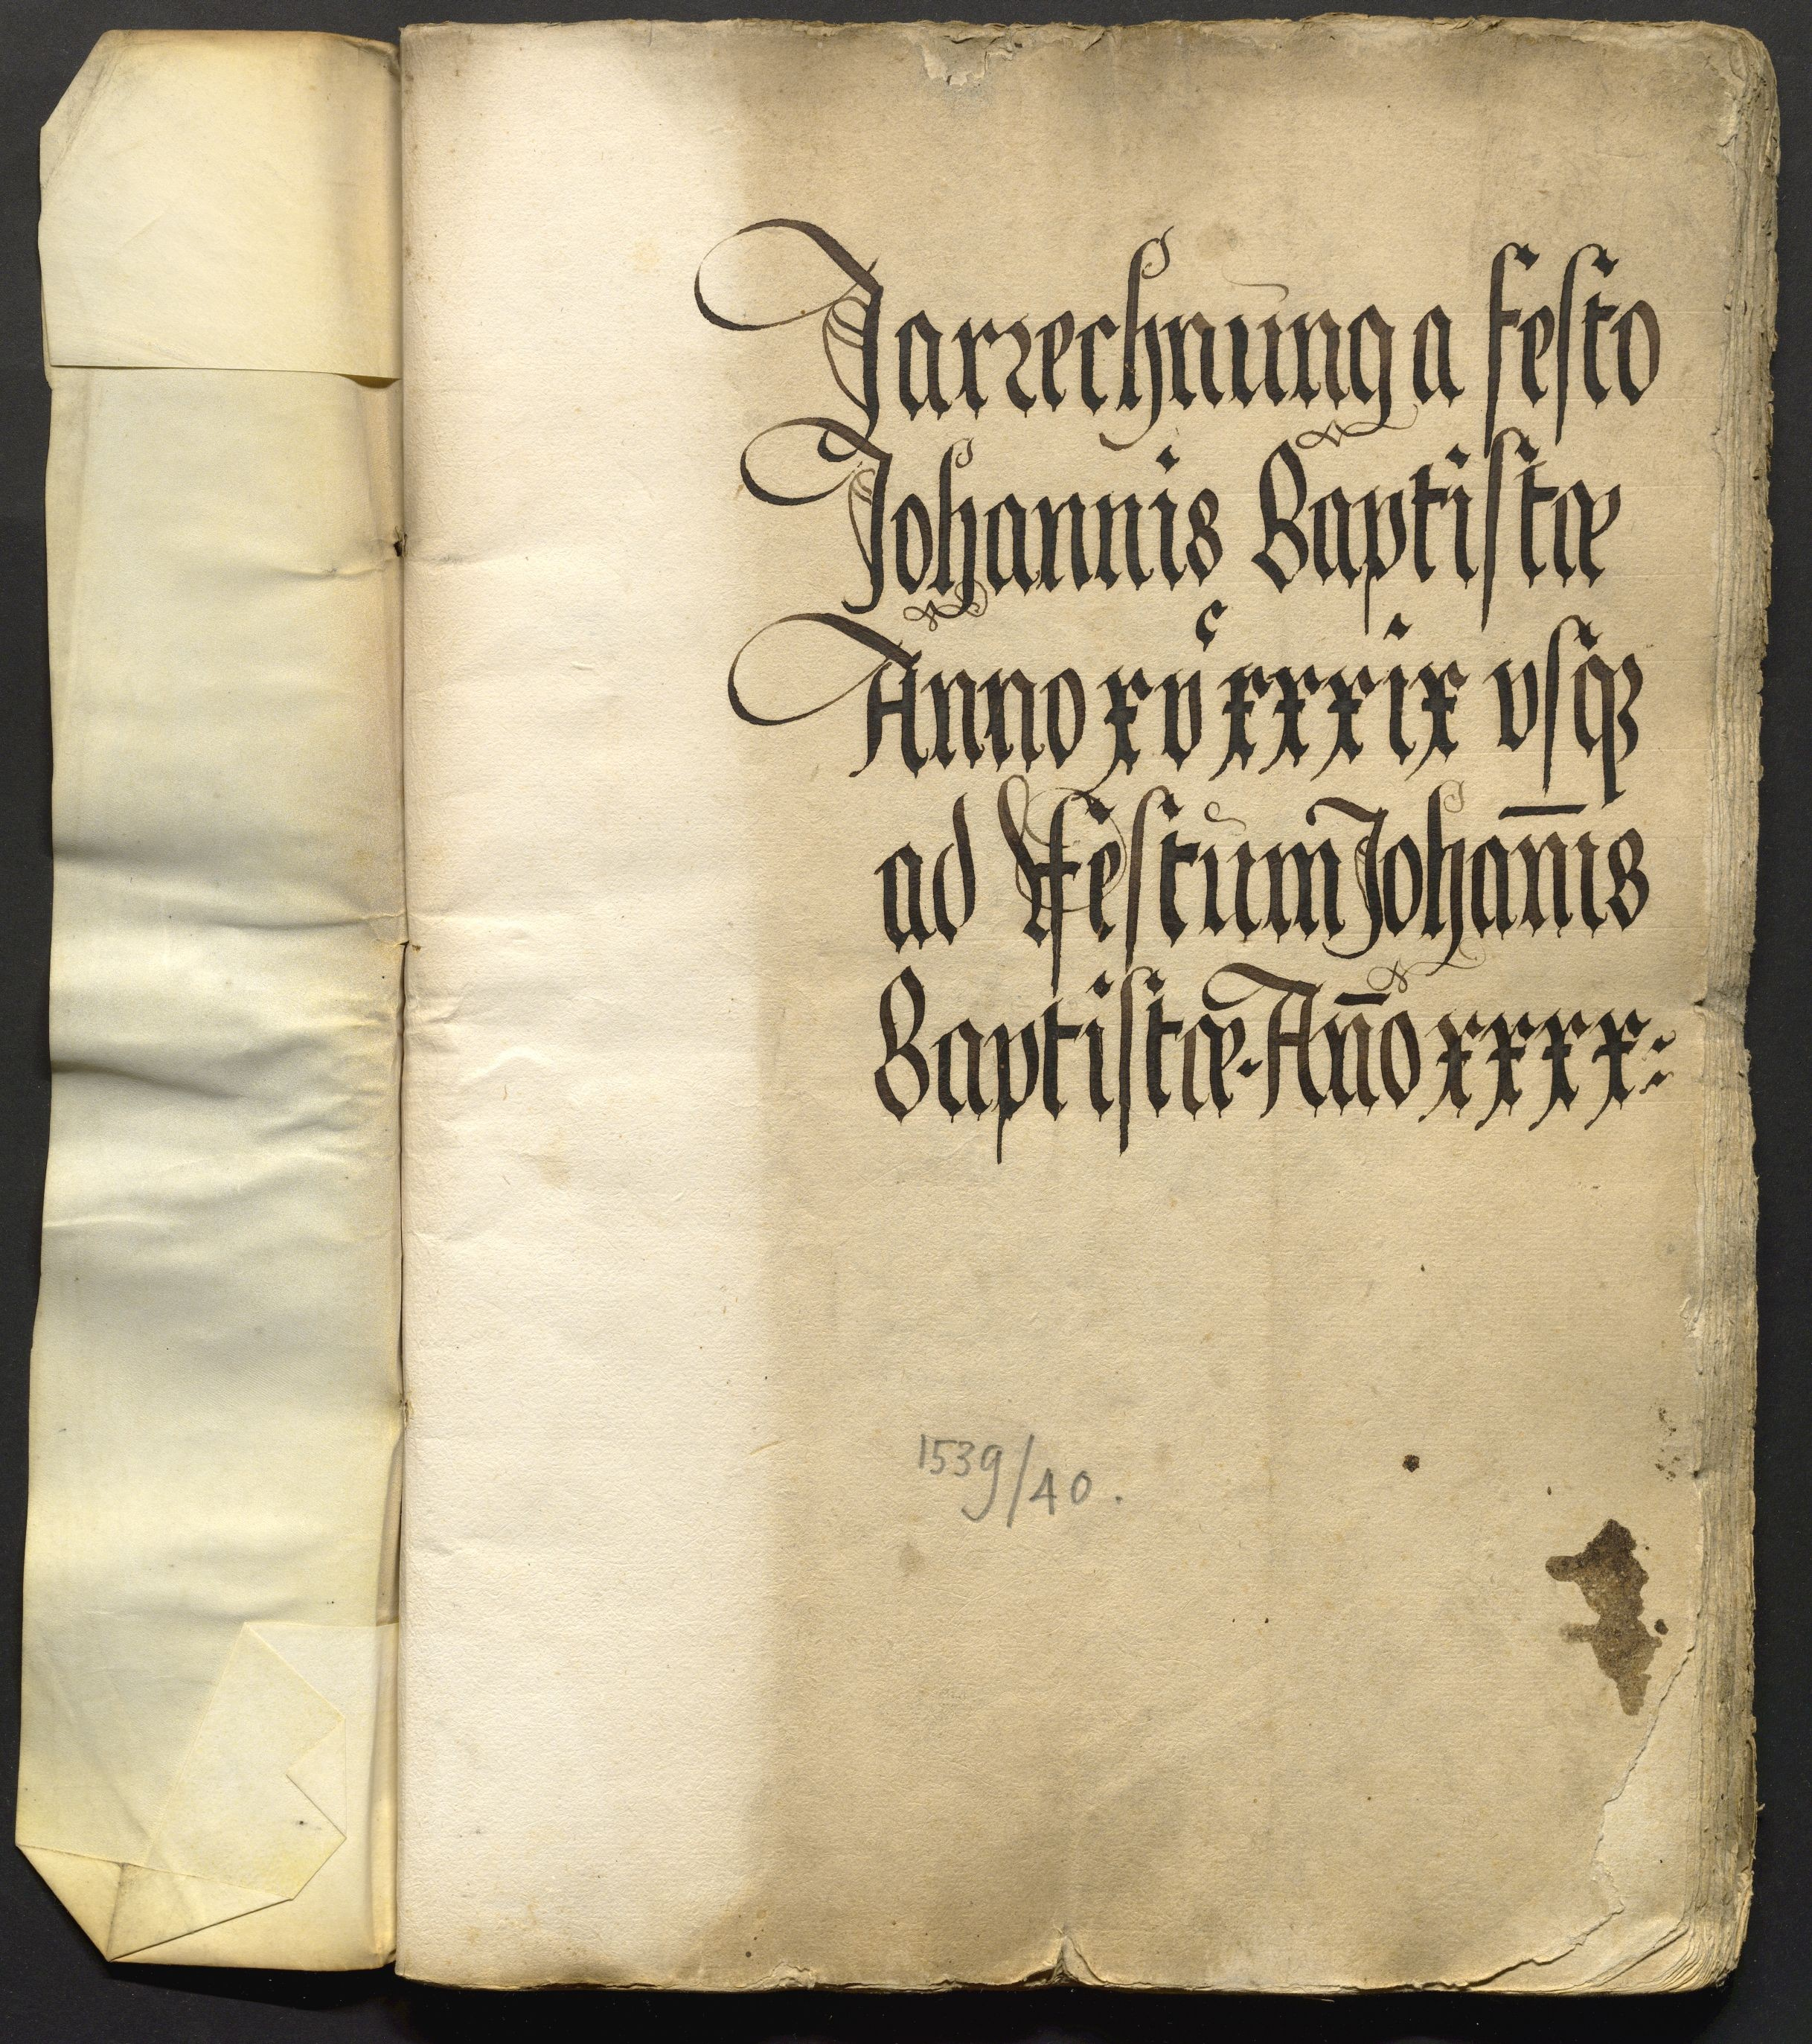 Jahrrechnung Stadt Basel 1539/1540